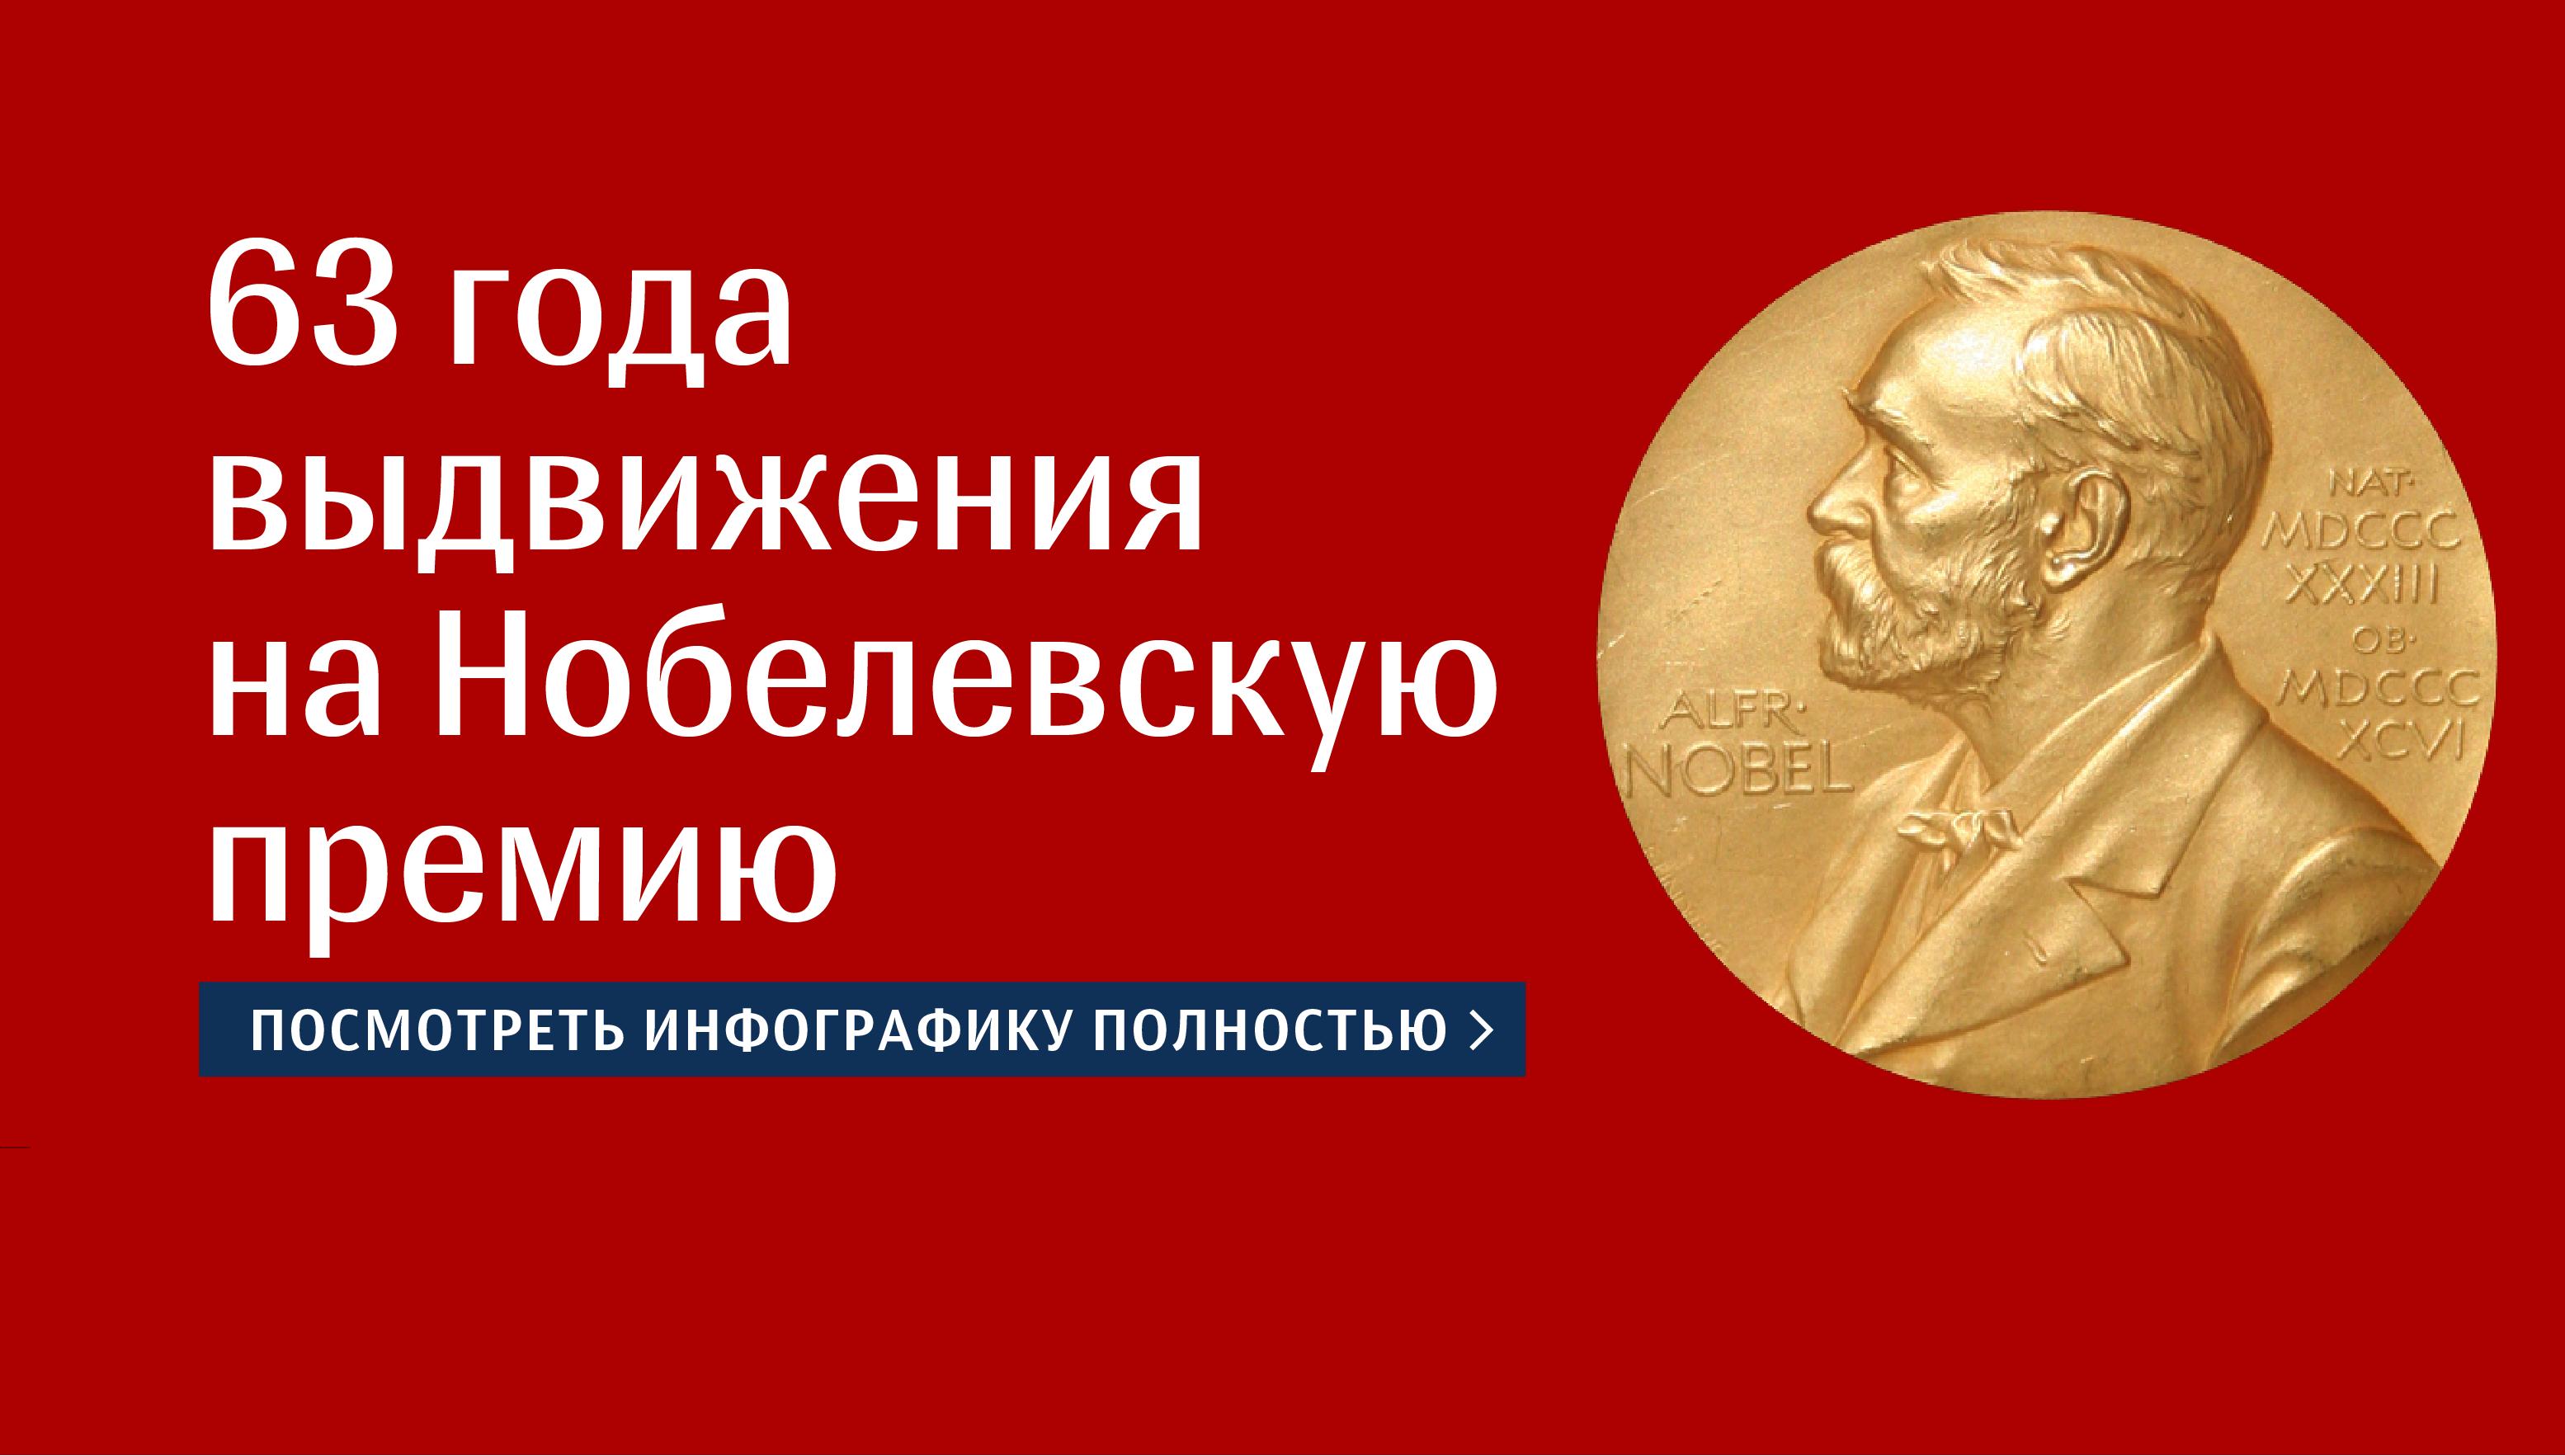 63 года выдвижения на Нобелевскую премию